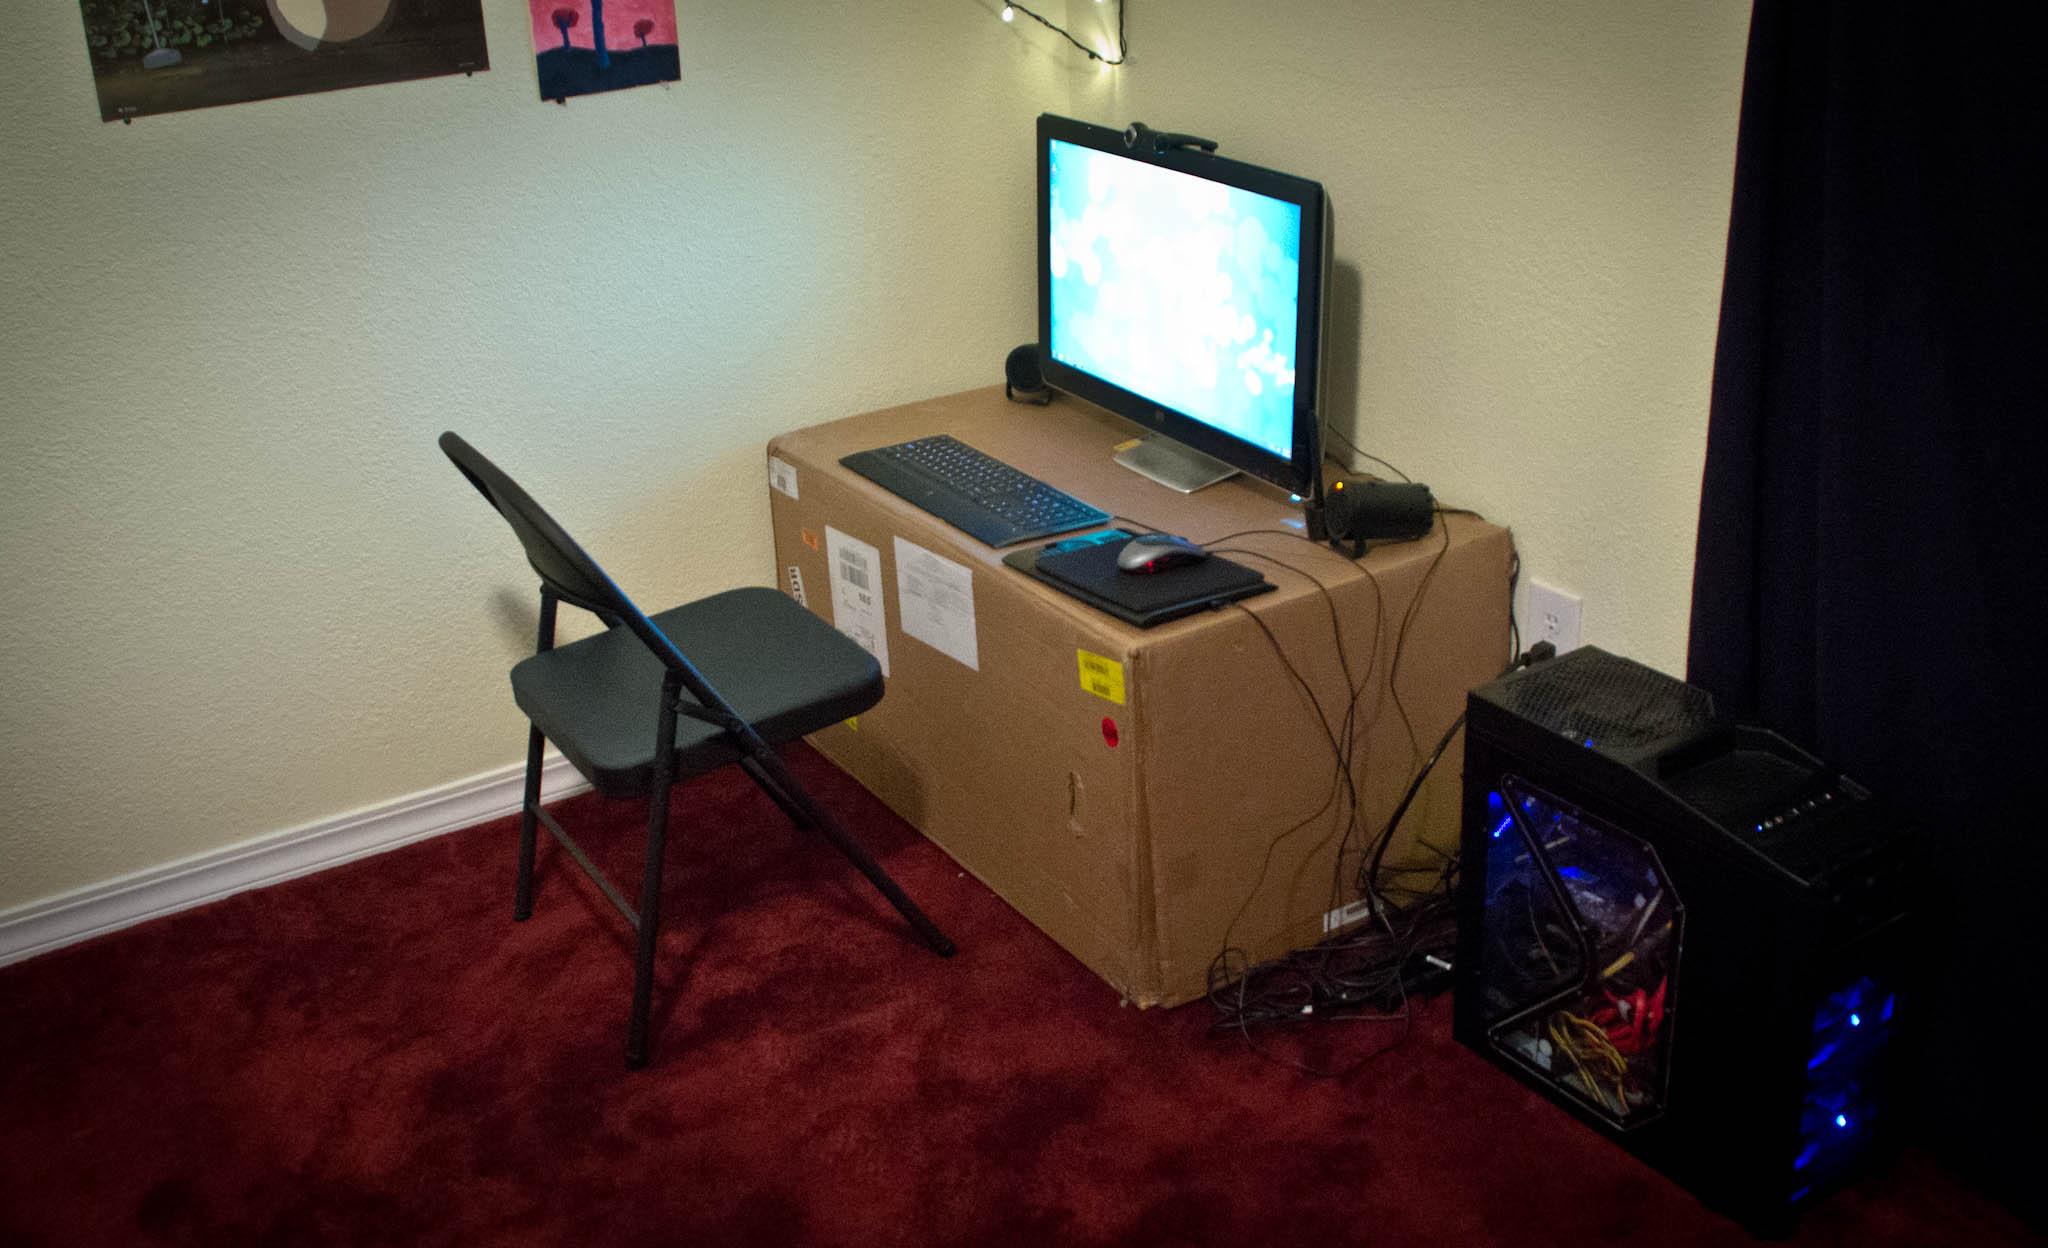 refold gallery on standing behance cardboard desk